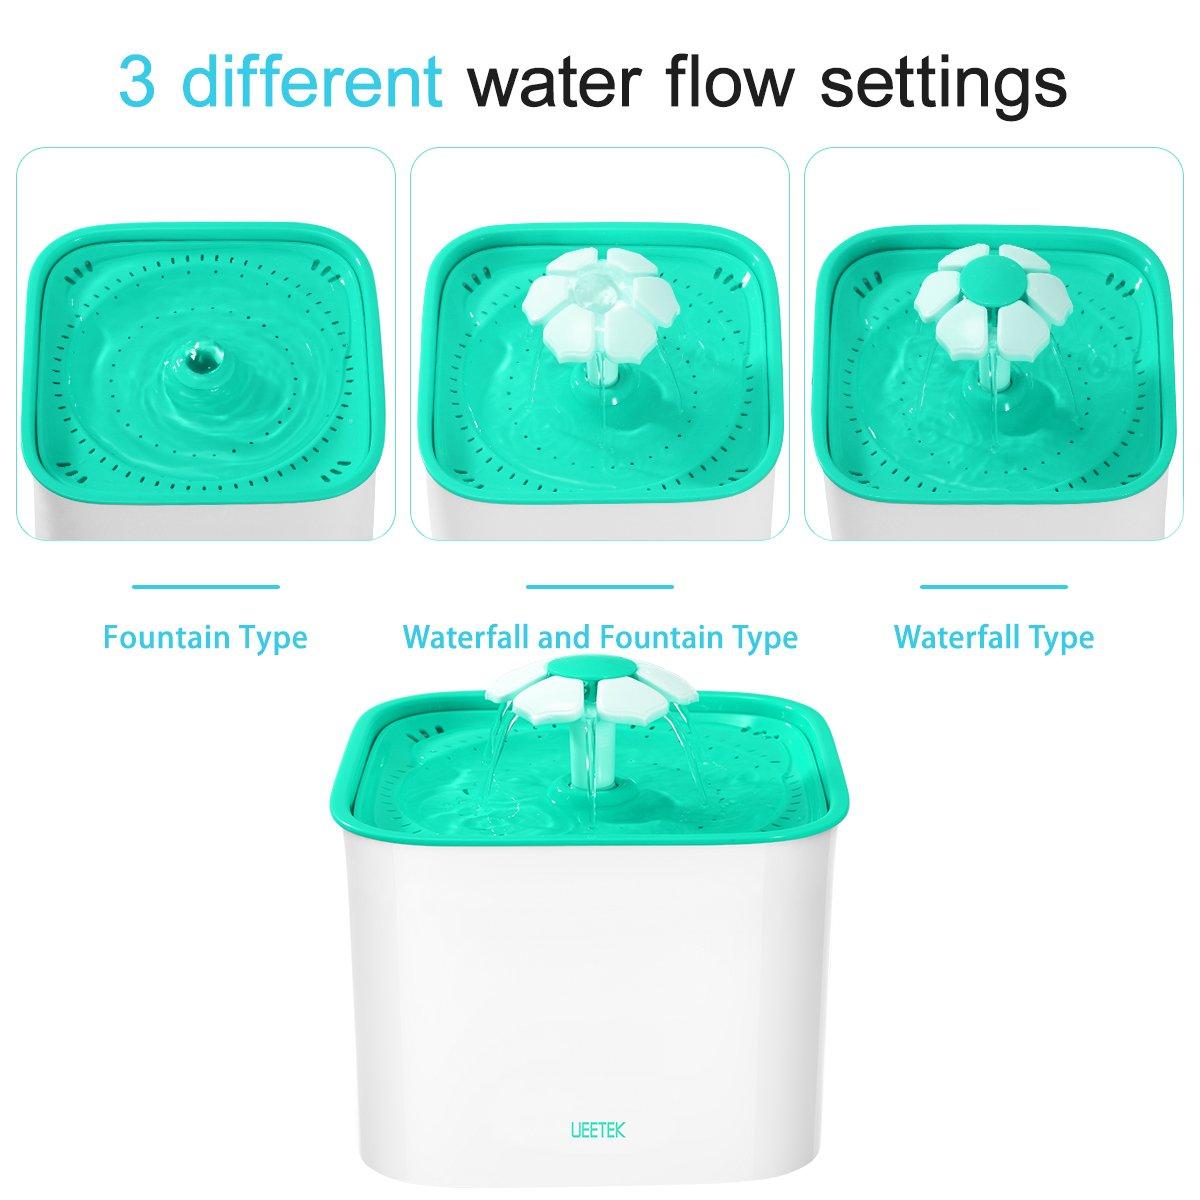 ueetek Agua de pozo, mascotas de agua de alimentación para gatos y perros, 2L automática de gatos eléctrica de flores de Brunnen, salud y agua limpia, ...